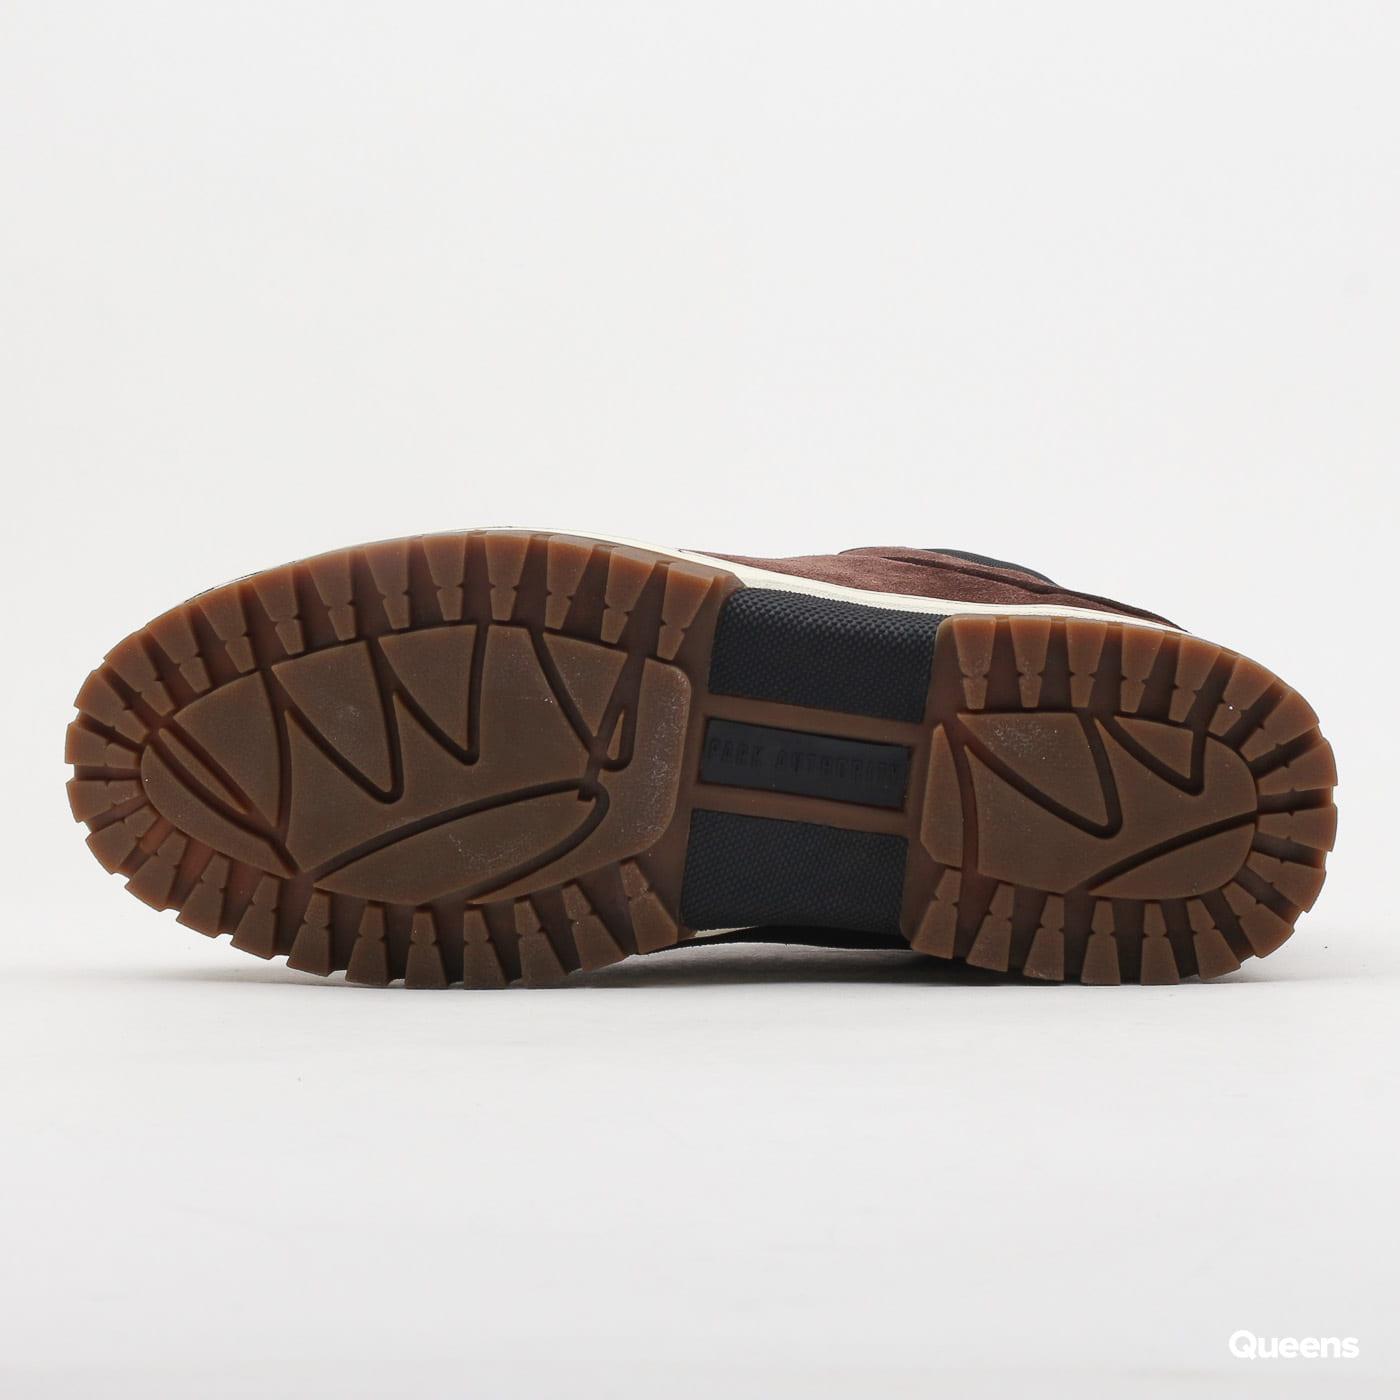 K1X H1KE Territory Superior dark brown / black / dark gum